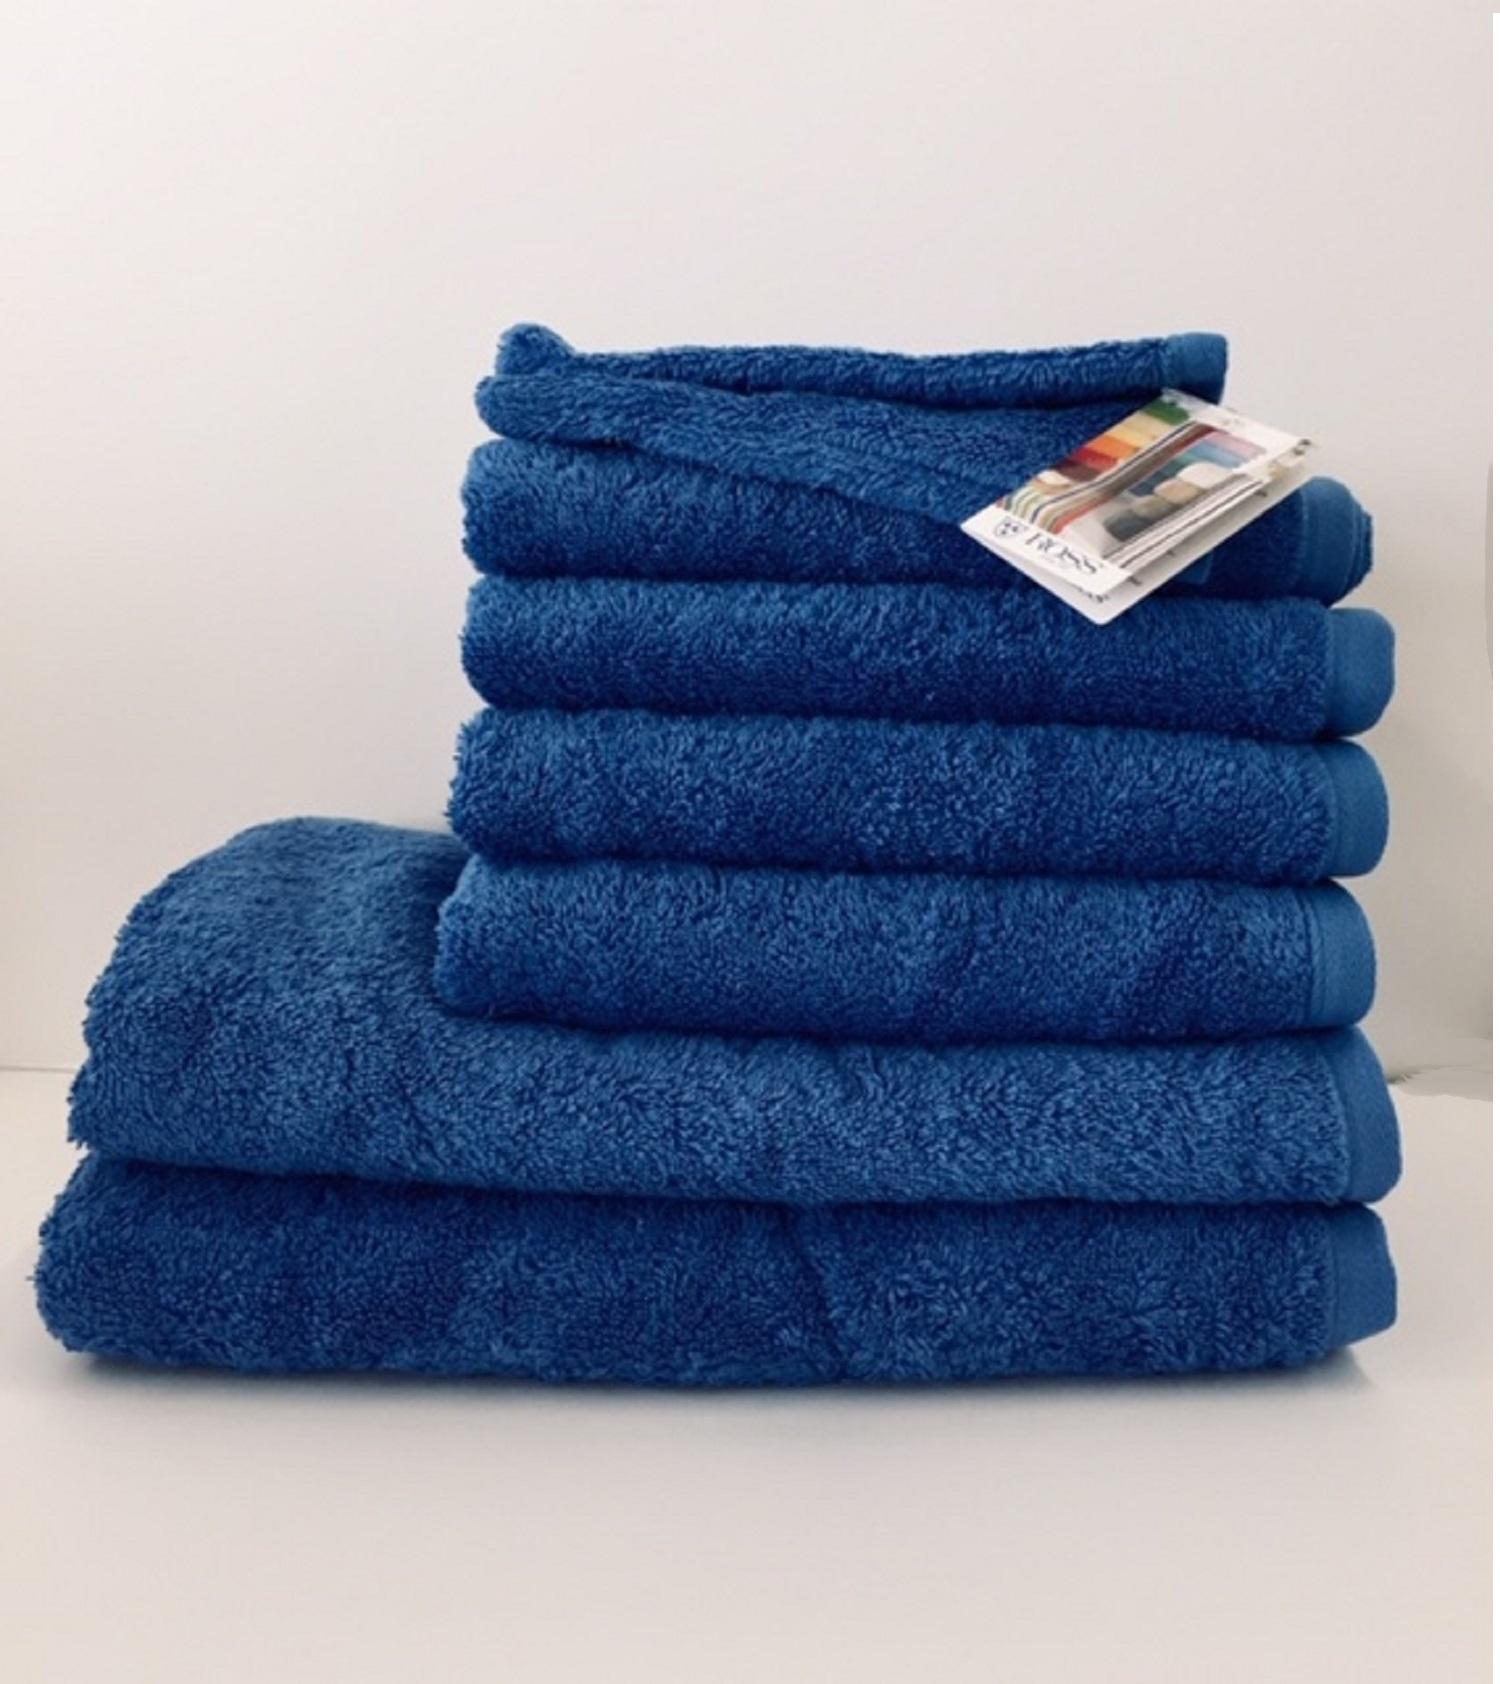 Angebot Ross Handtuchset 4004-23 Ozean 2x Duschtuch 4x Handtuch Gratis 2x Waschhandschuh